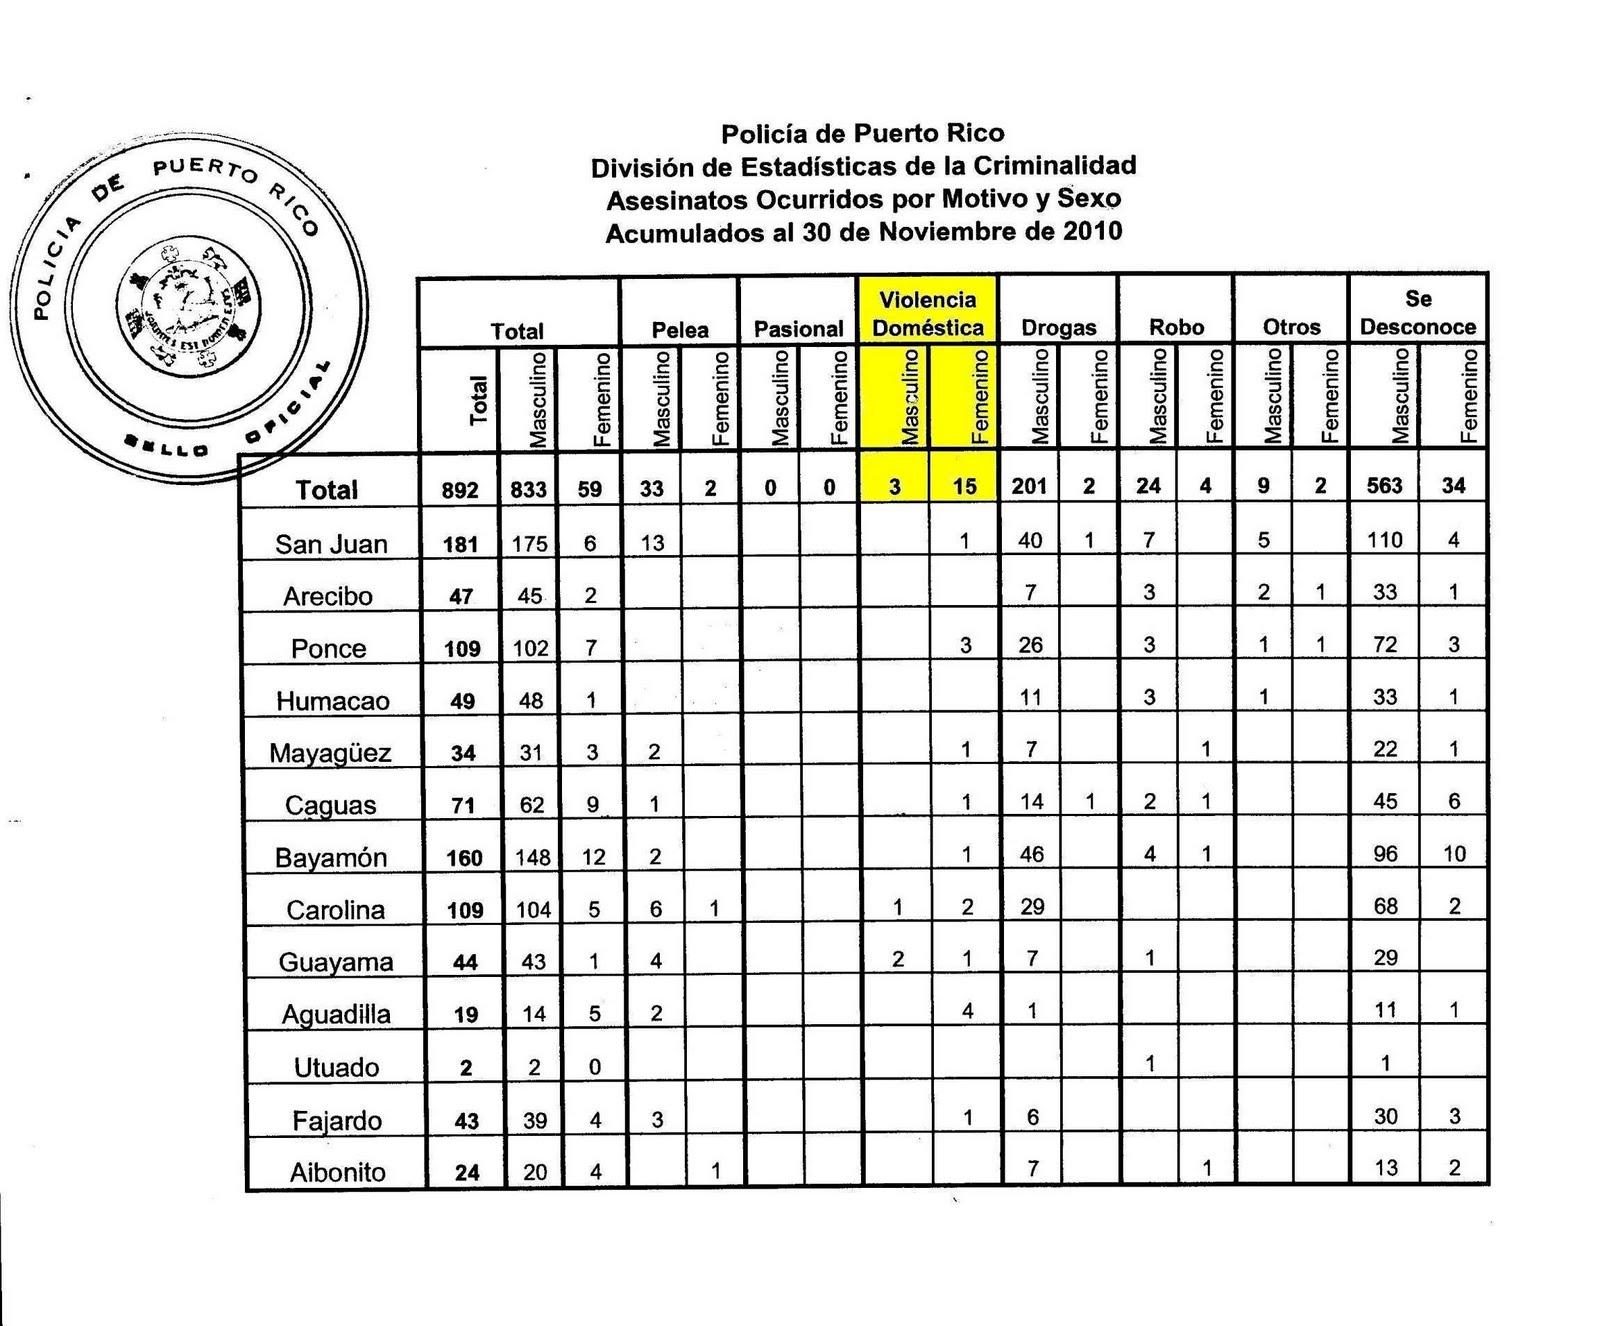 estadisticas muertes en puerto rico: